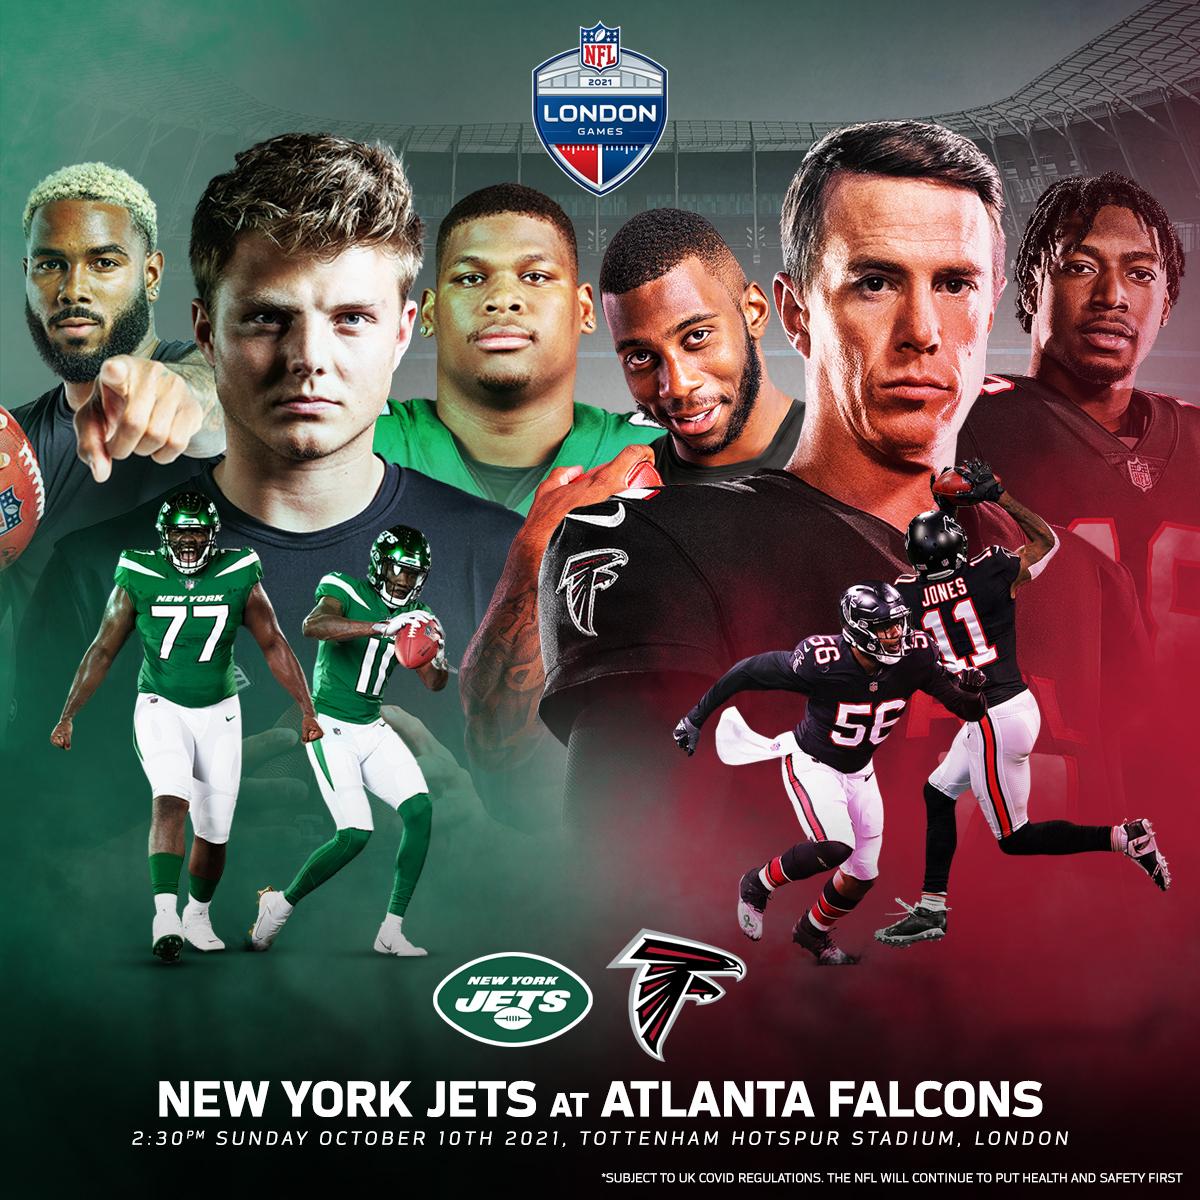 Are You Ready For Some Football? El topic de la NFL - Página 17 E1MO4GoXIAACslL?format=jpg&name=medium